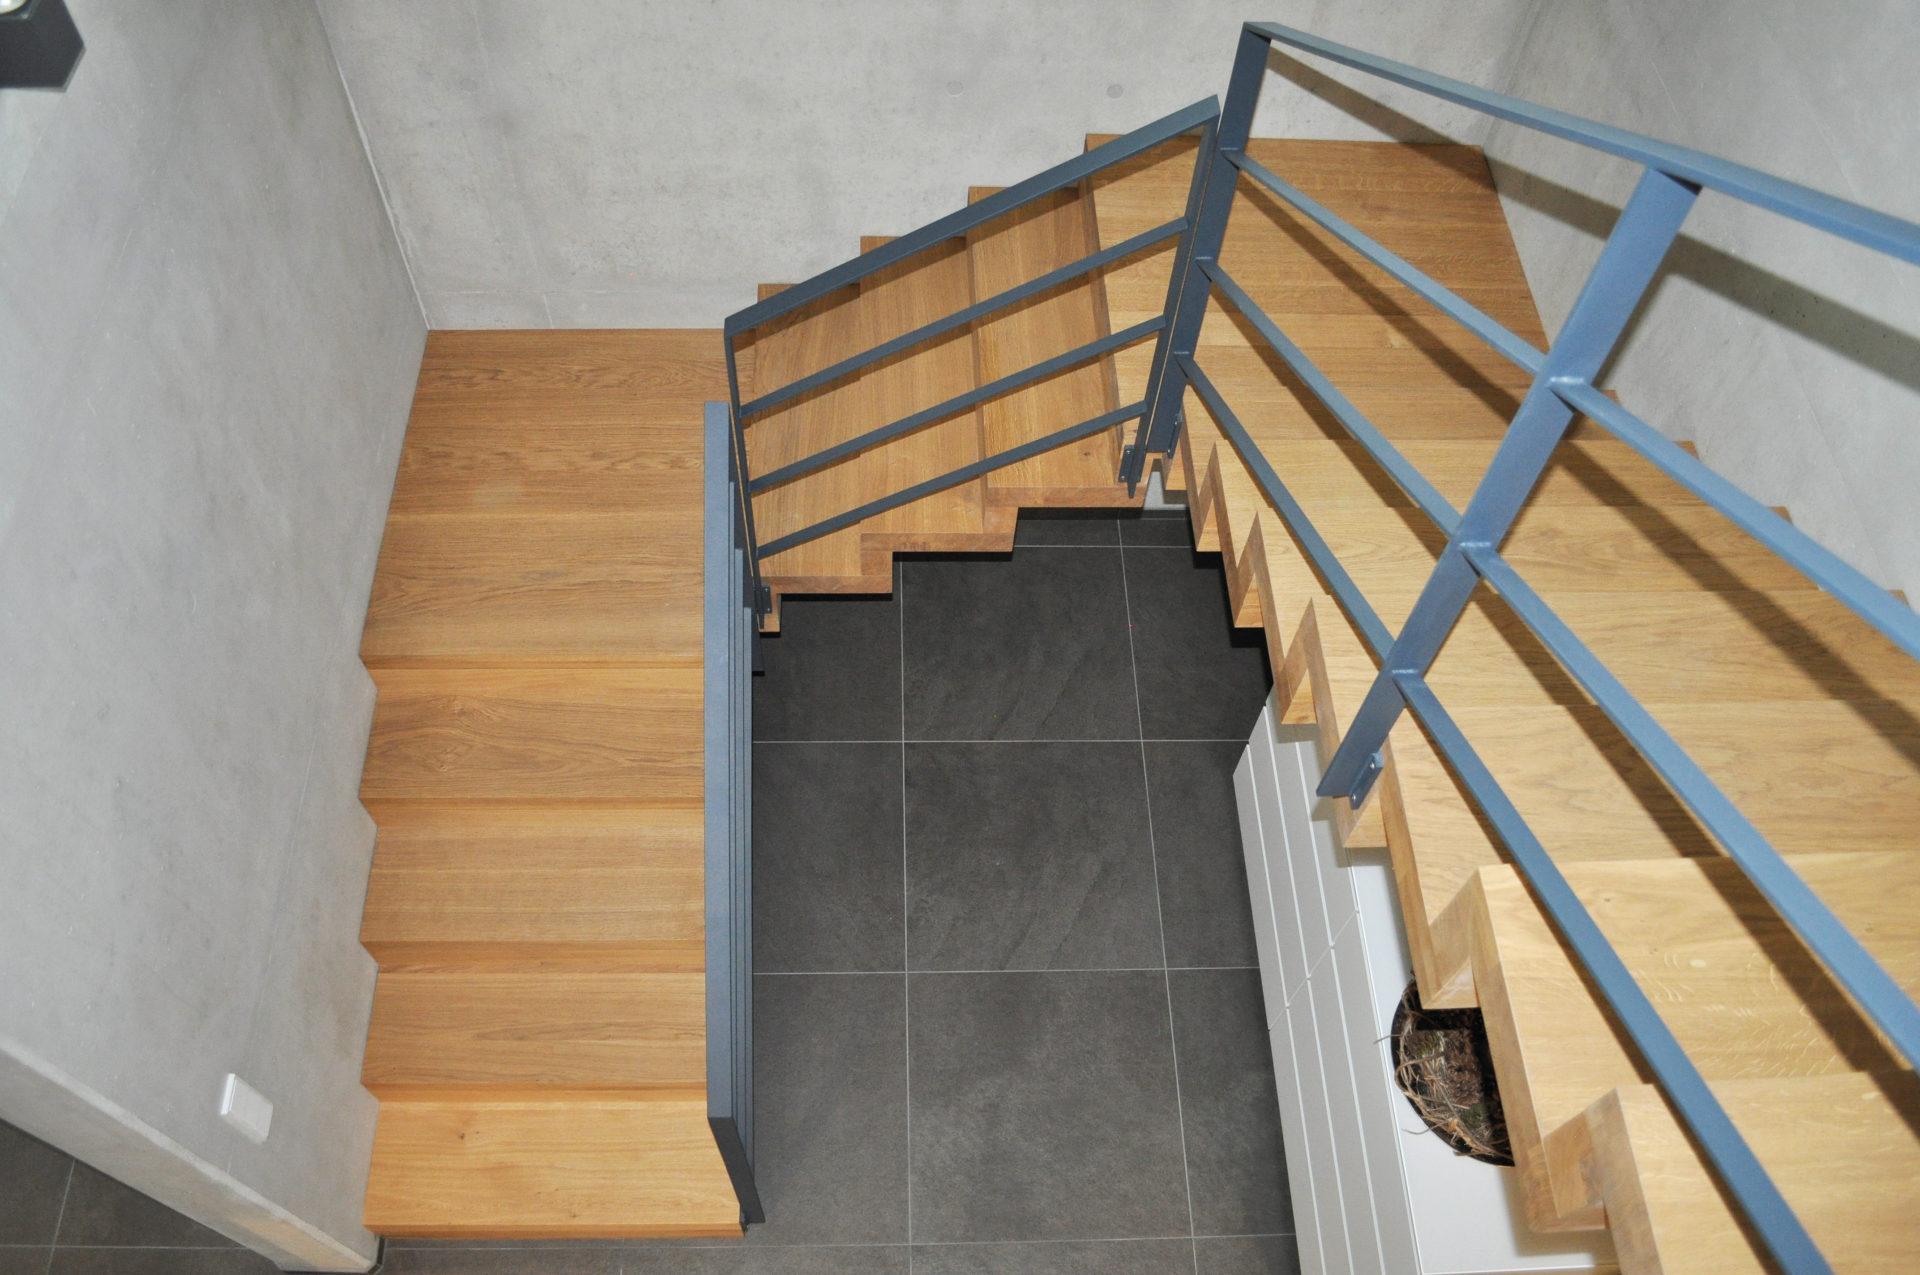 podesttreppen treppenbau leisen treppen seit 1992. Black Bedroom Furniture Sets. Home Design Ideas